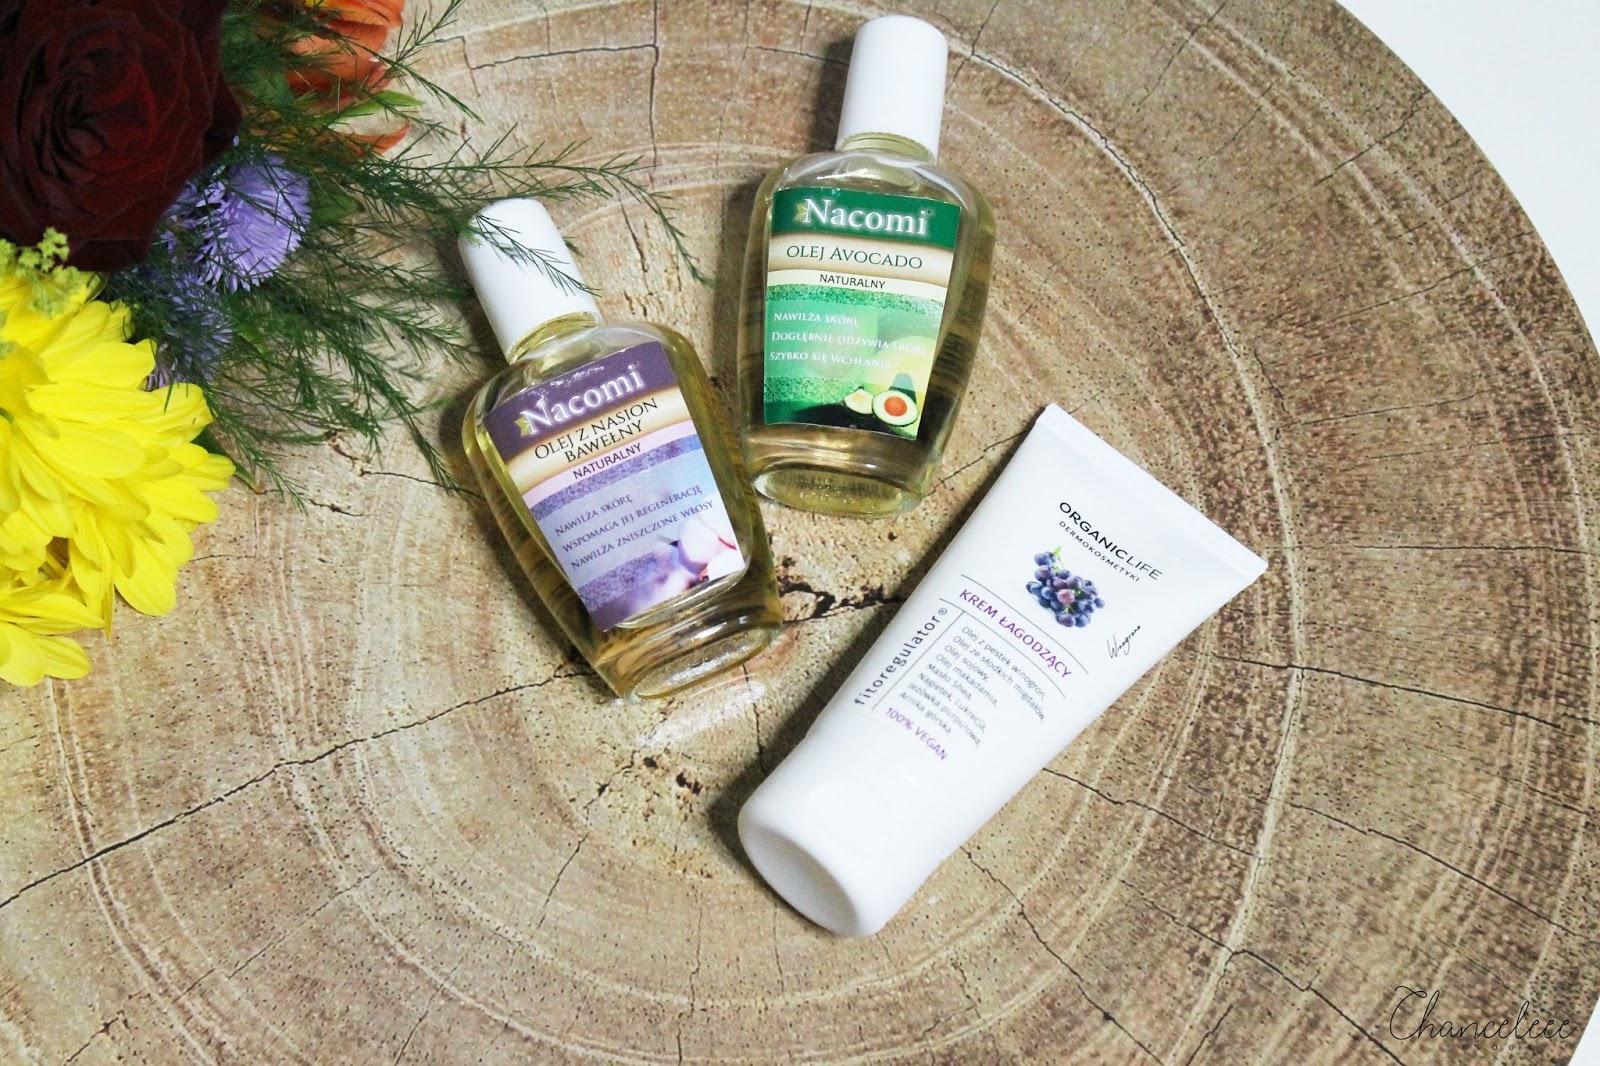 Nacomi, Organic Life, Soap Szop | Nowości czerwca - kosmetyki i urządzenia